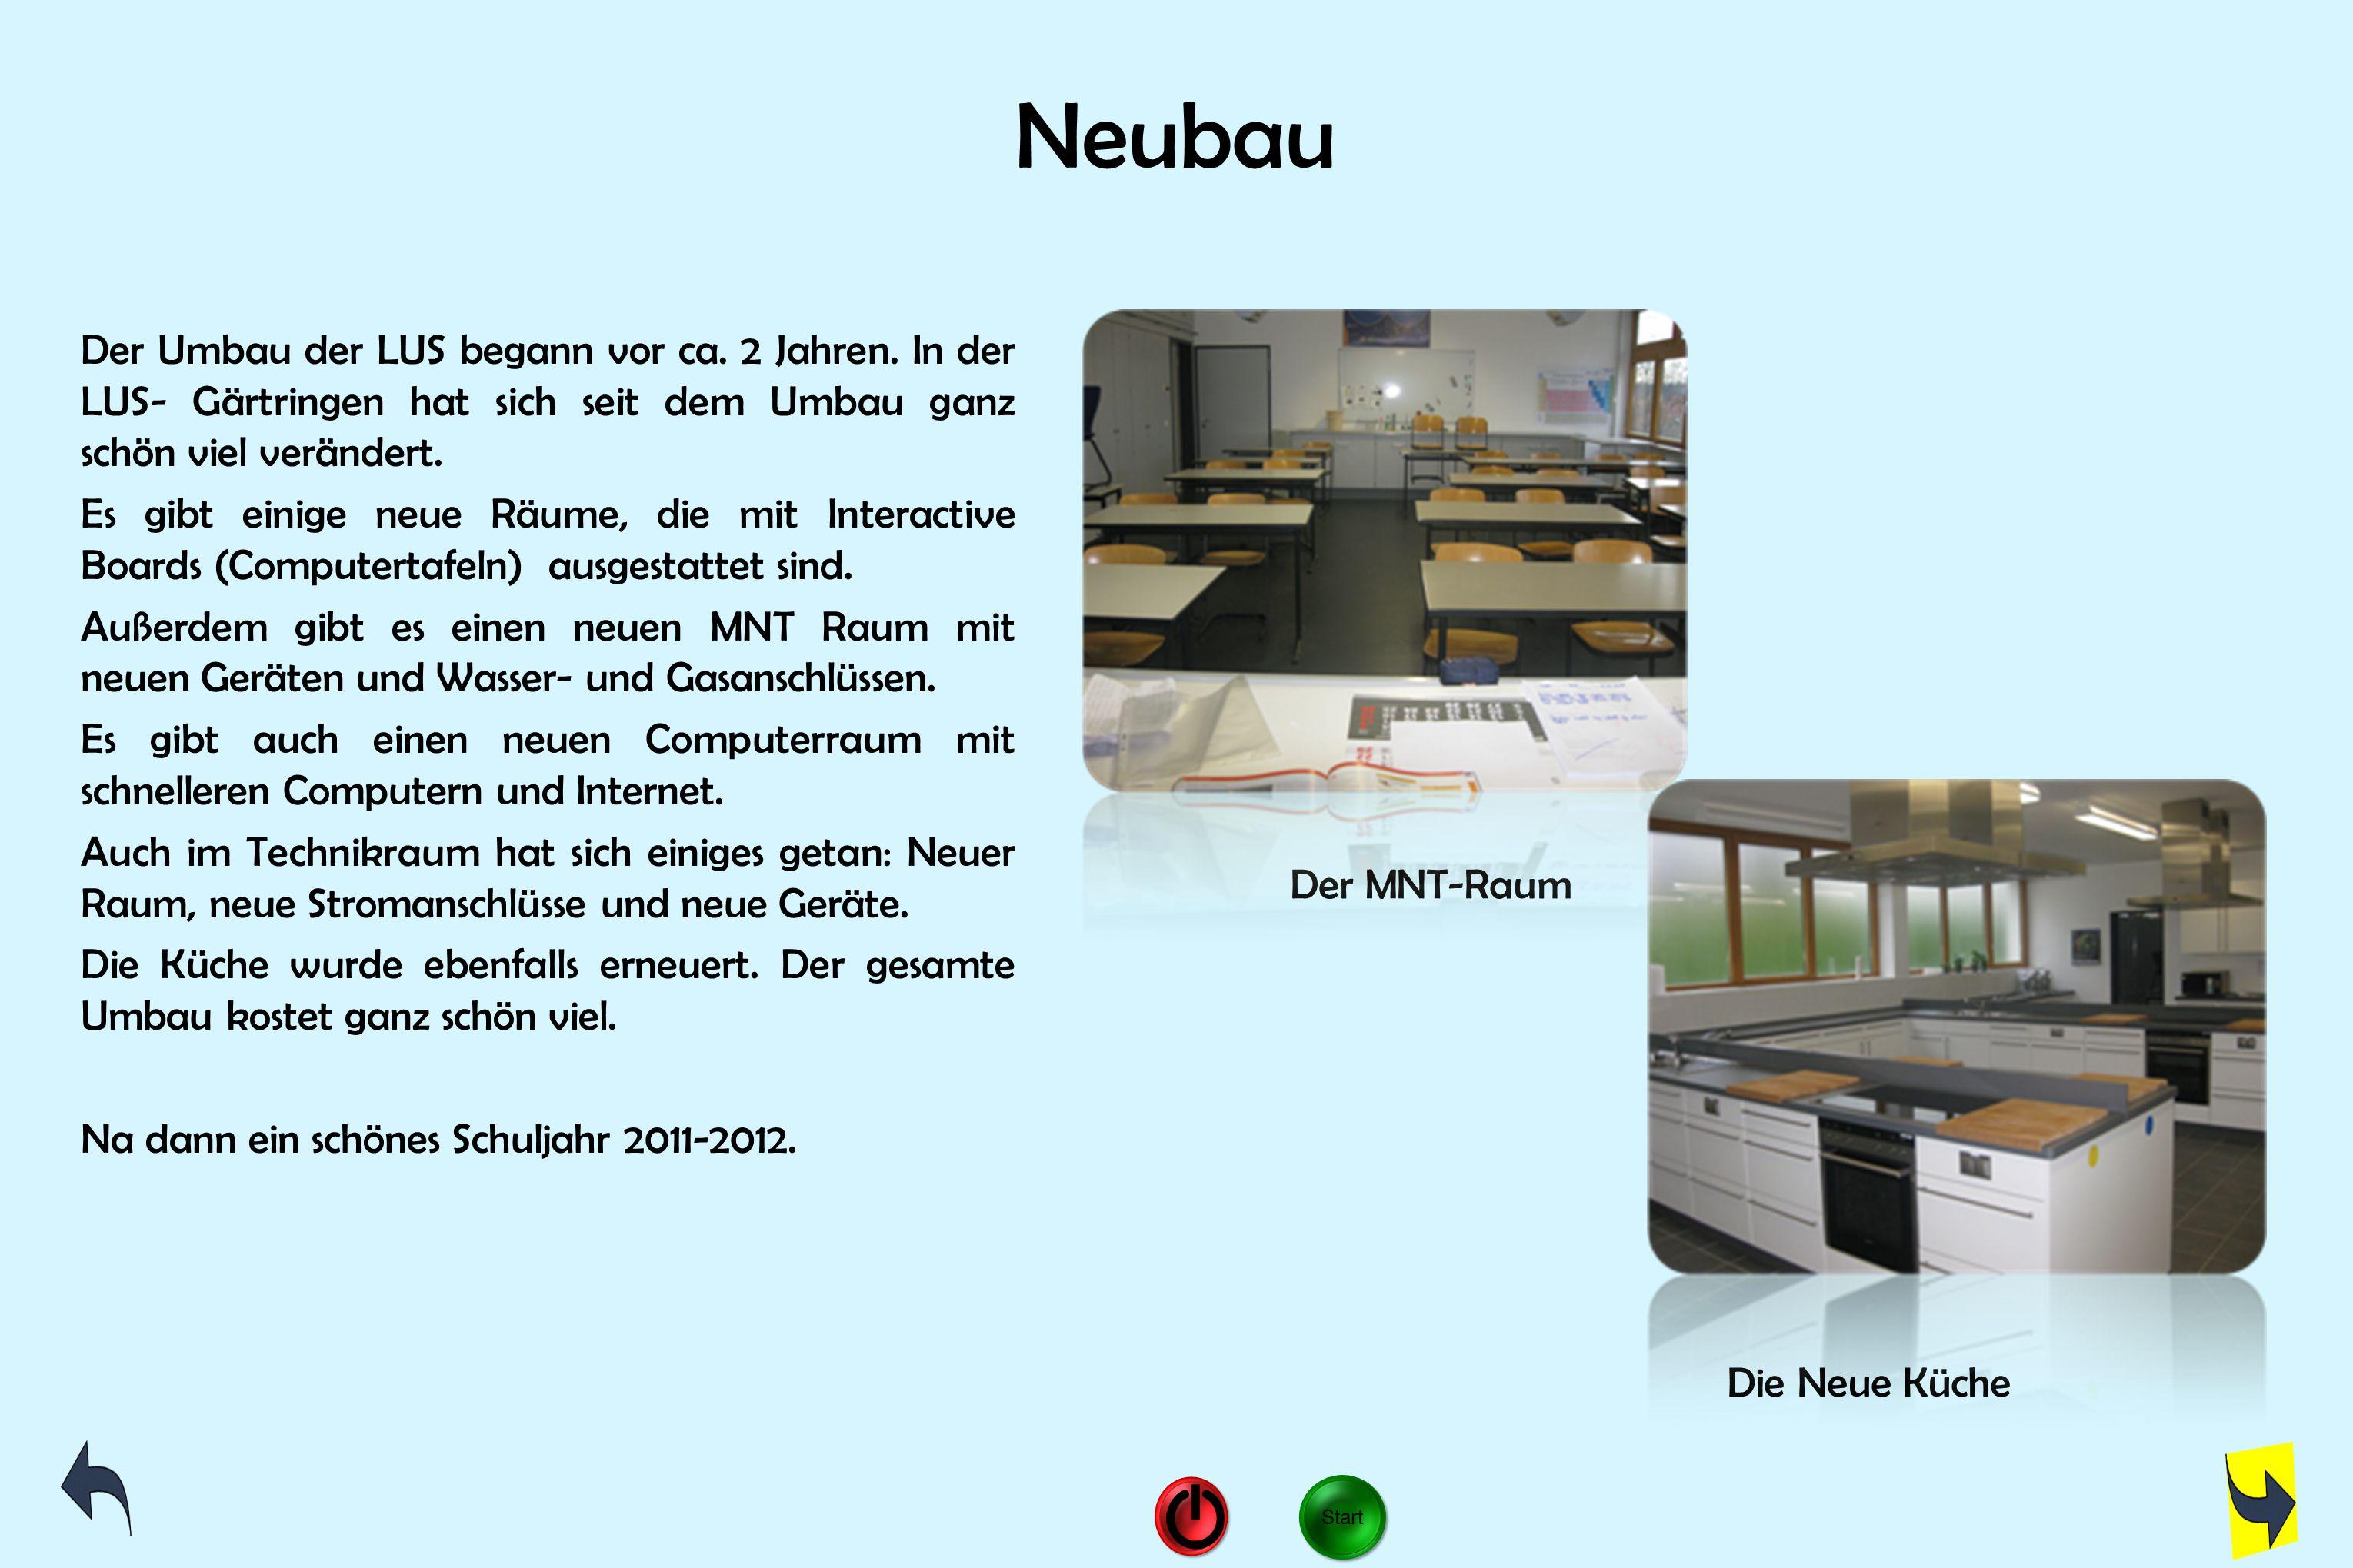 Neubau Der Umbau der LUS begann vor ca. 2 Jahren. In der LUS- Gärtringen hat sich seit dem Umbau ganz schön viel verändert.